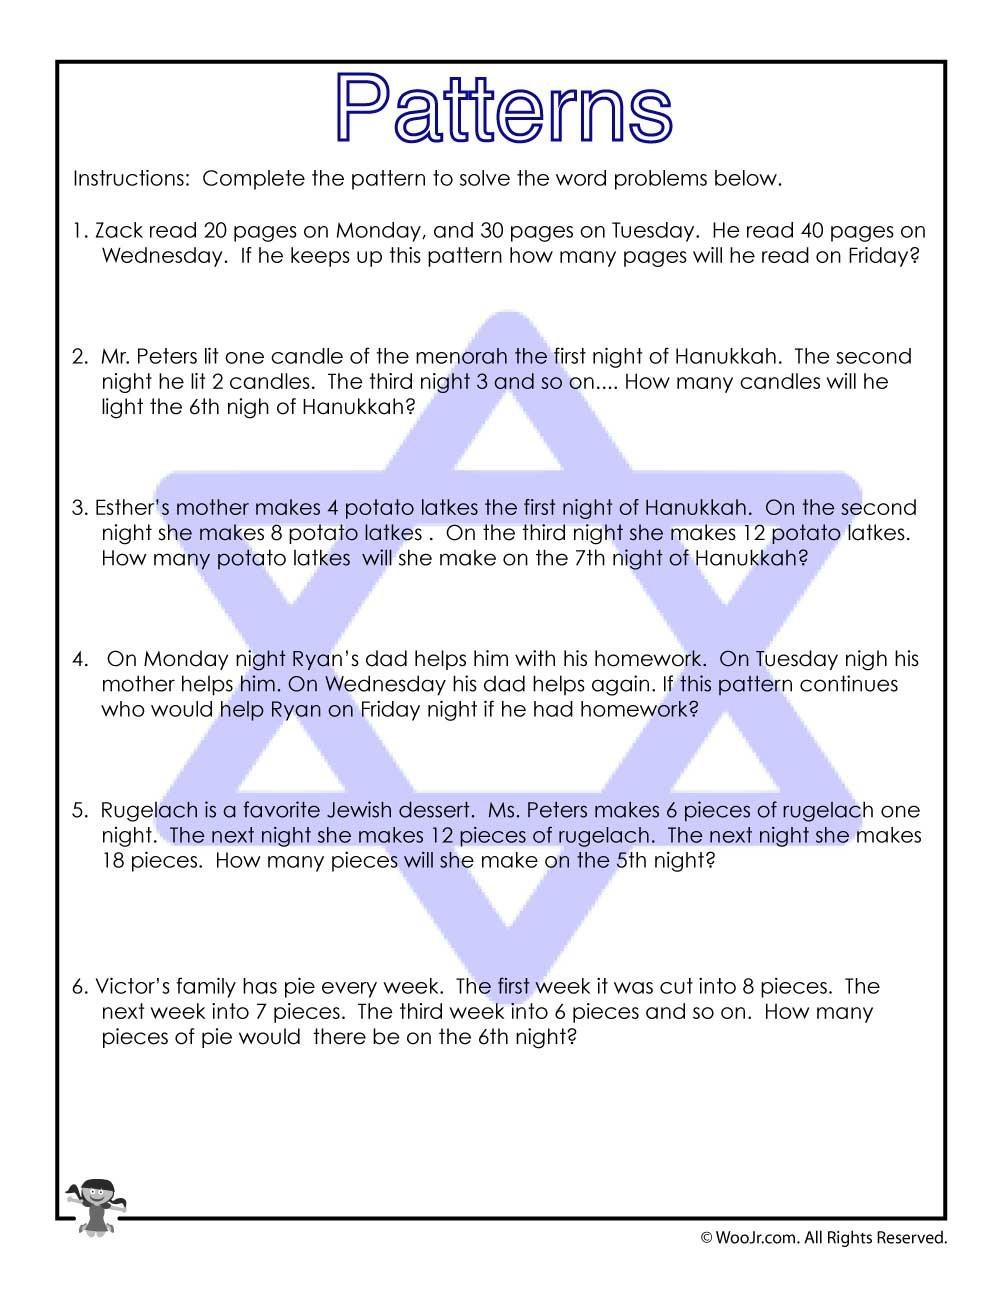 Word Problem Patterns Worksheet For Hanukkah